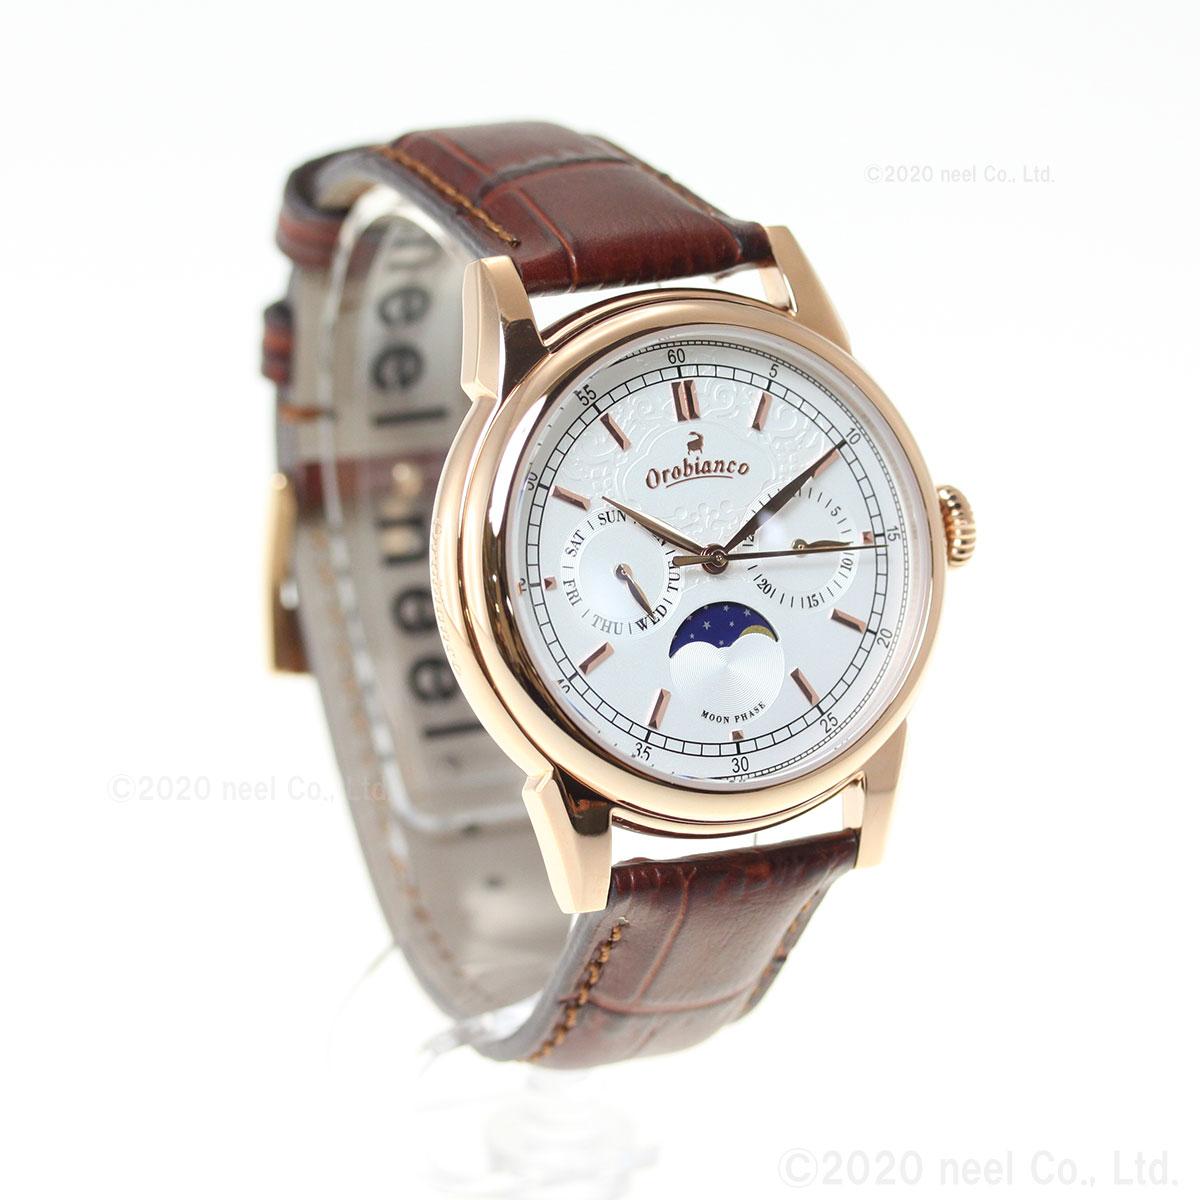 オロビアンコ 時計 メンズ Orobianco 腕時計 ビアンコネーロ BIANCONERO OR0074-9